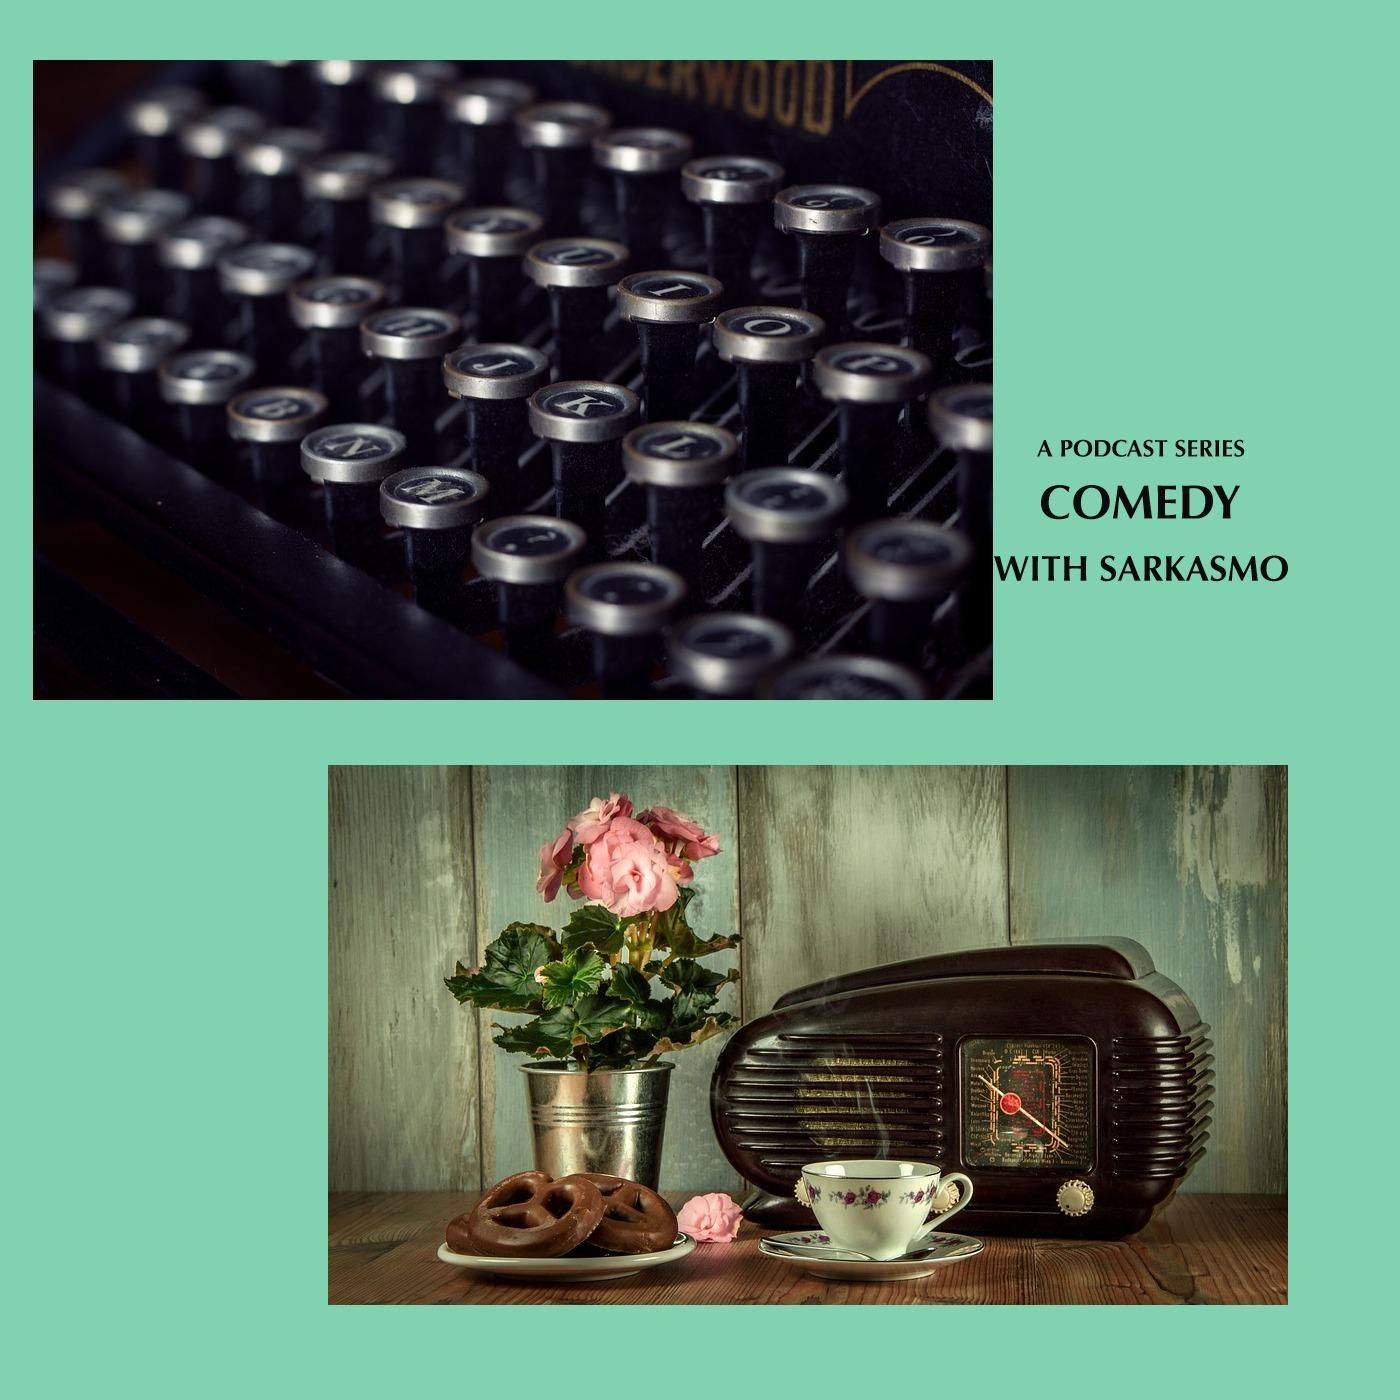 Comedy with Sarkasmo: Brian Regan